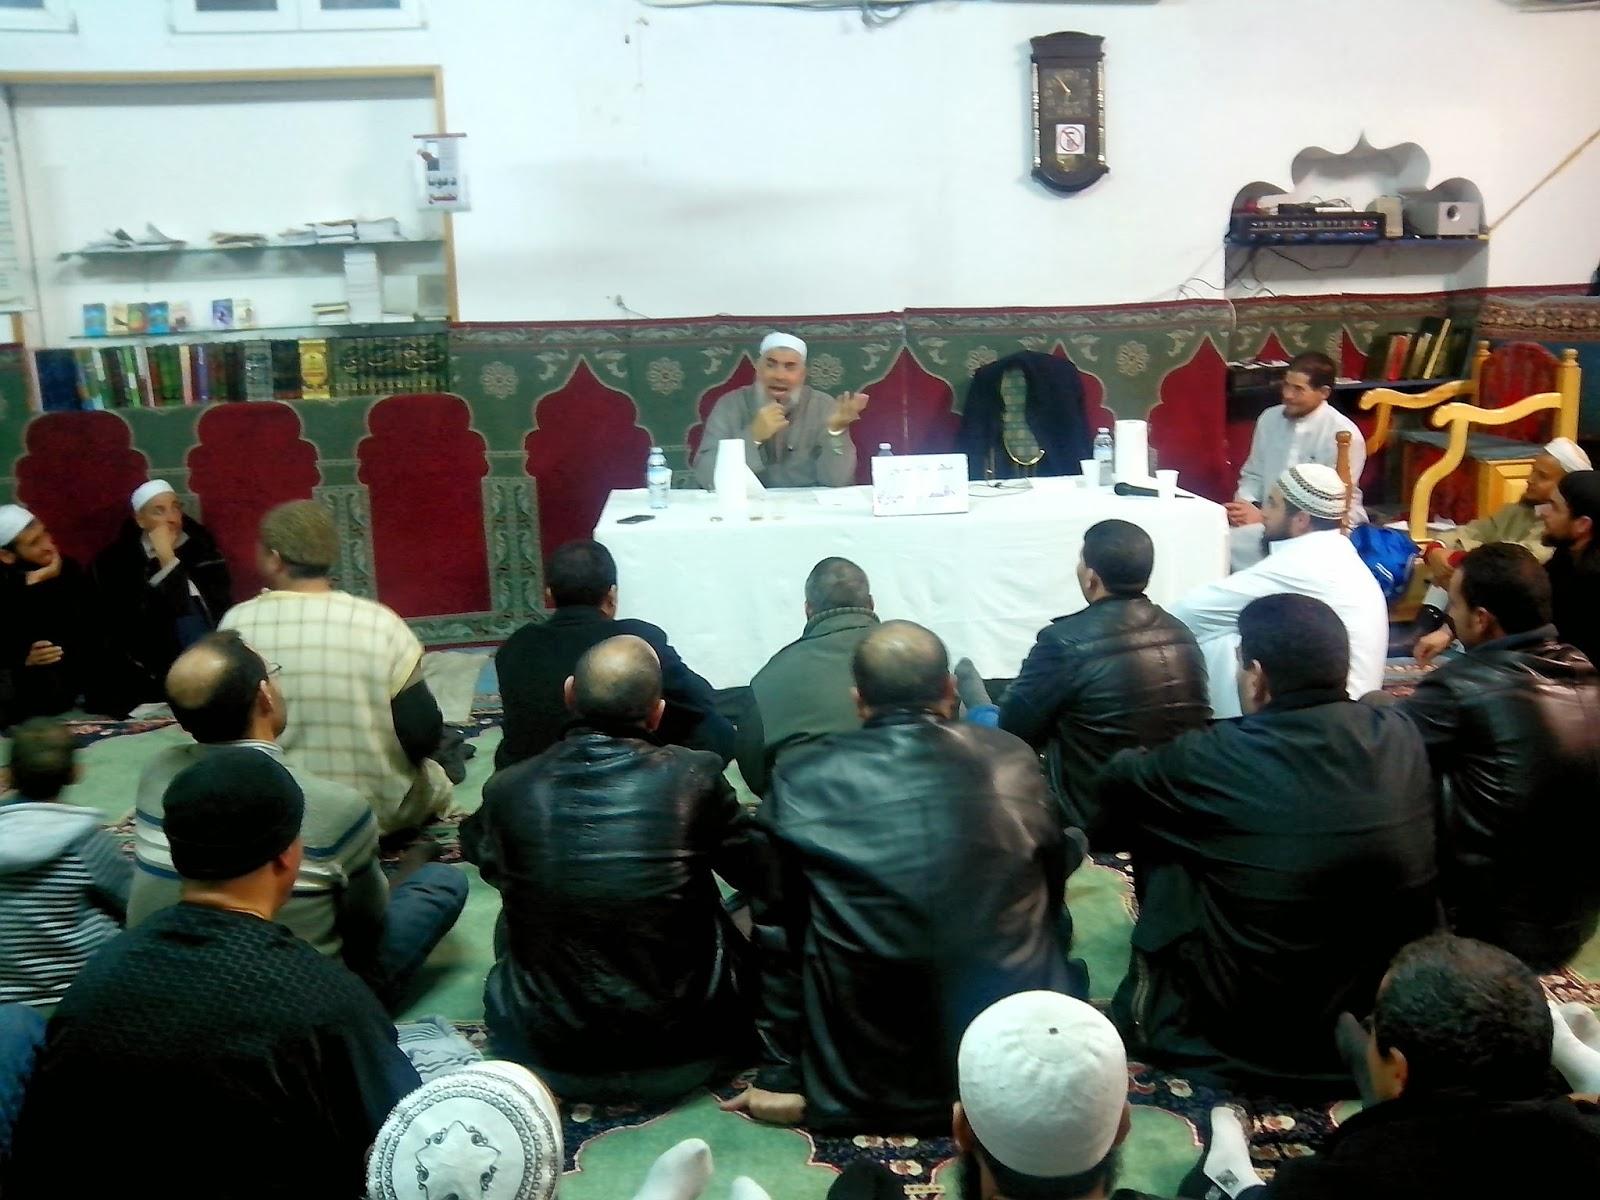 La Unión de Comunidades Islámicas de Navarra,celebró su 1º Congreso